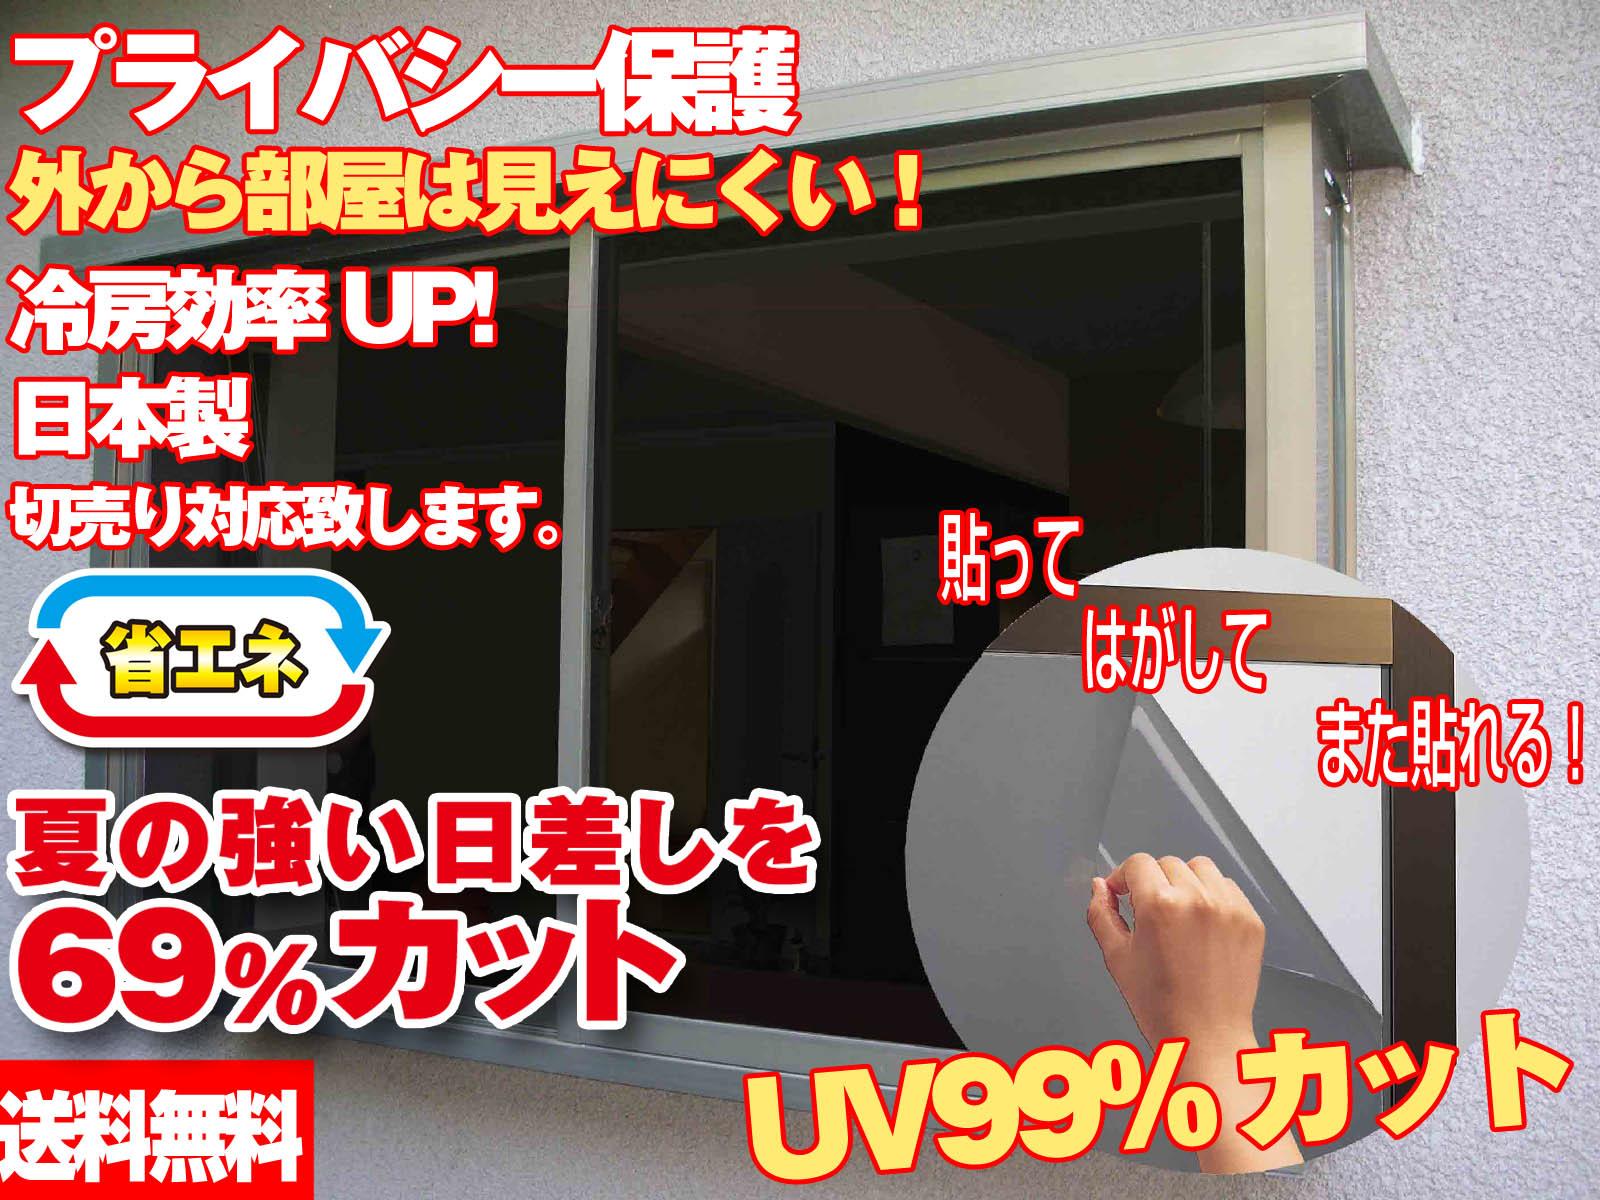 ◇(省エネ)スモーク窓貼りシート(ガラスフィルム)2反セット(ロール)【953050】 ■